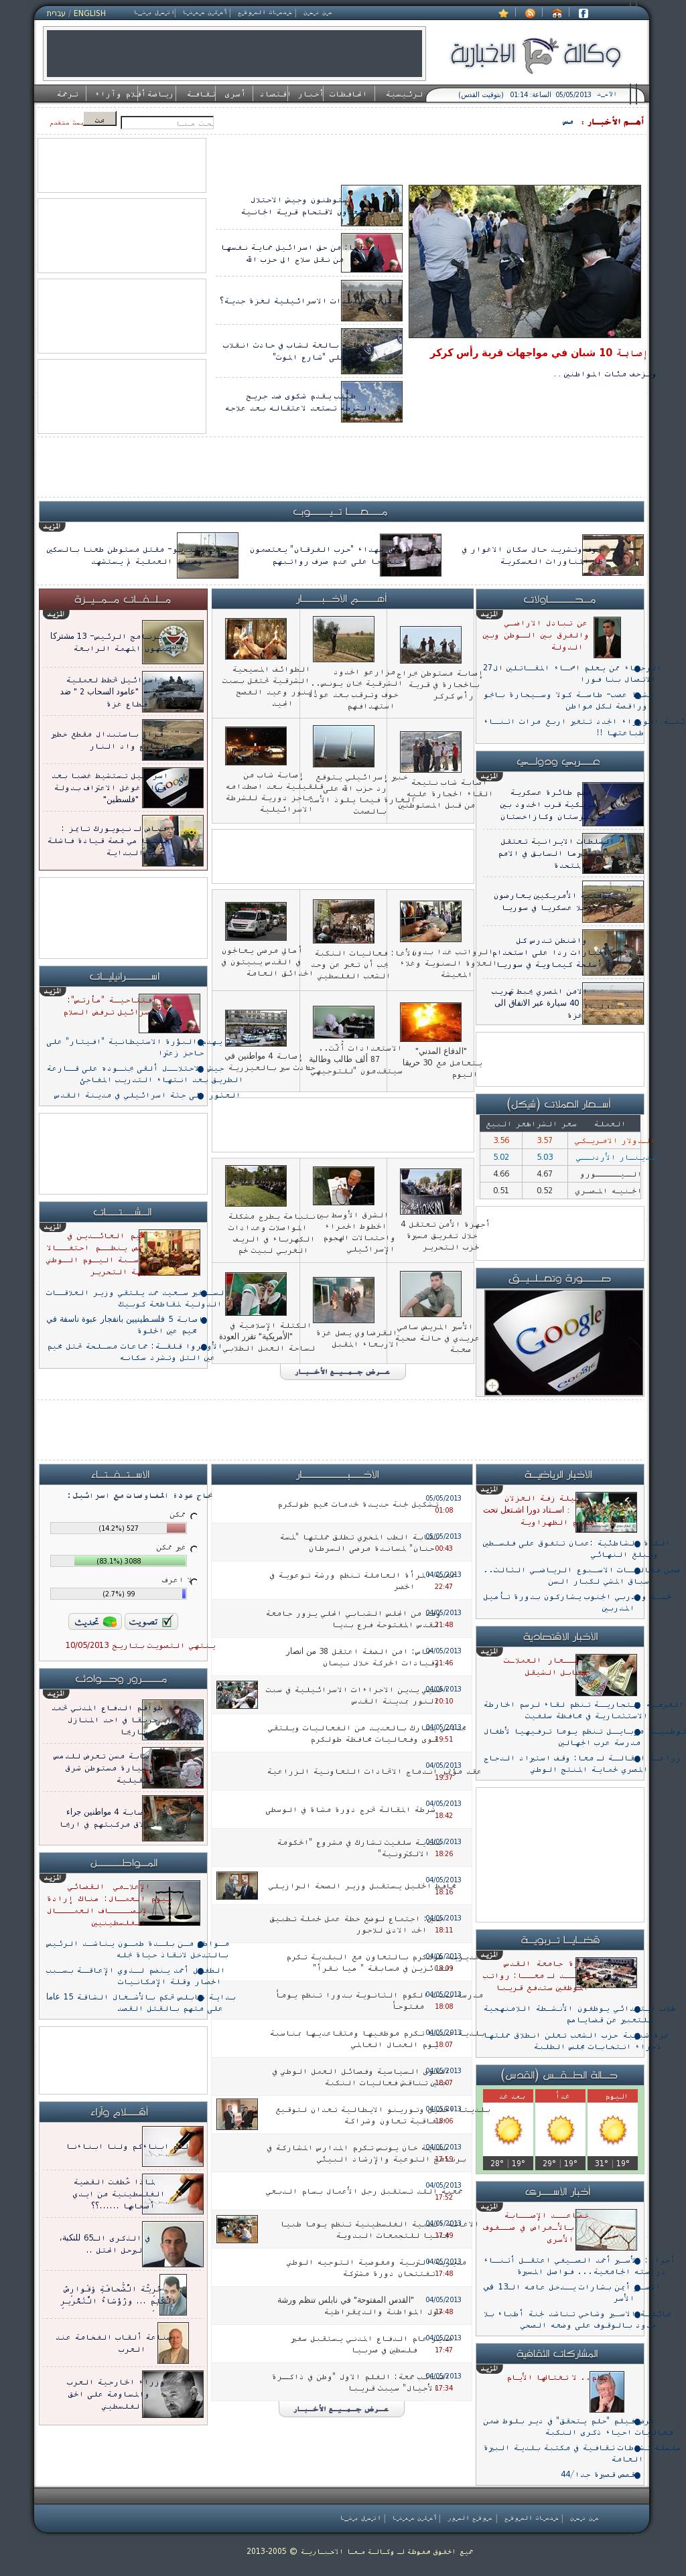 Ma'an News at Saturday May 4, 2013, 10:14 p.m. UTC